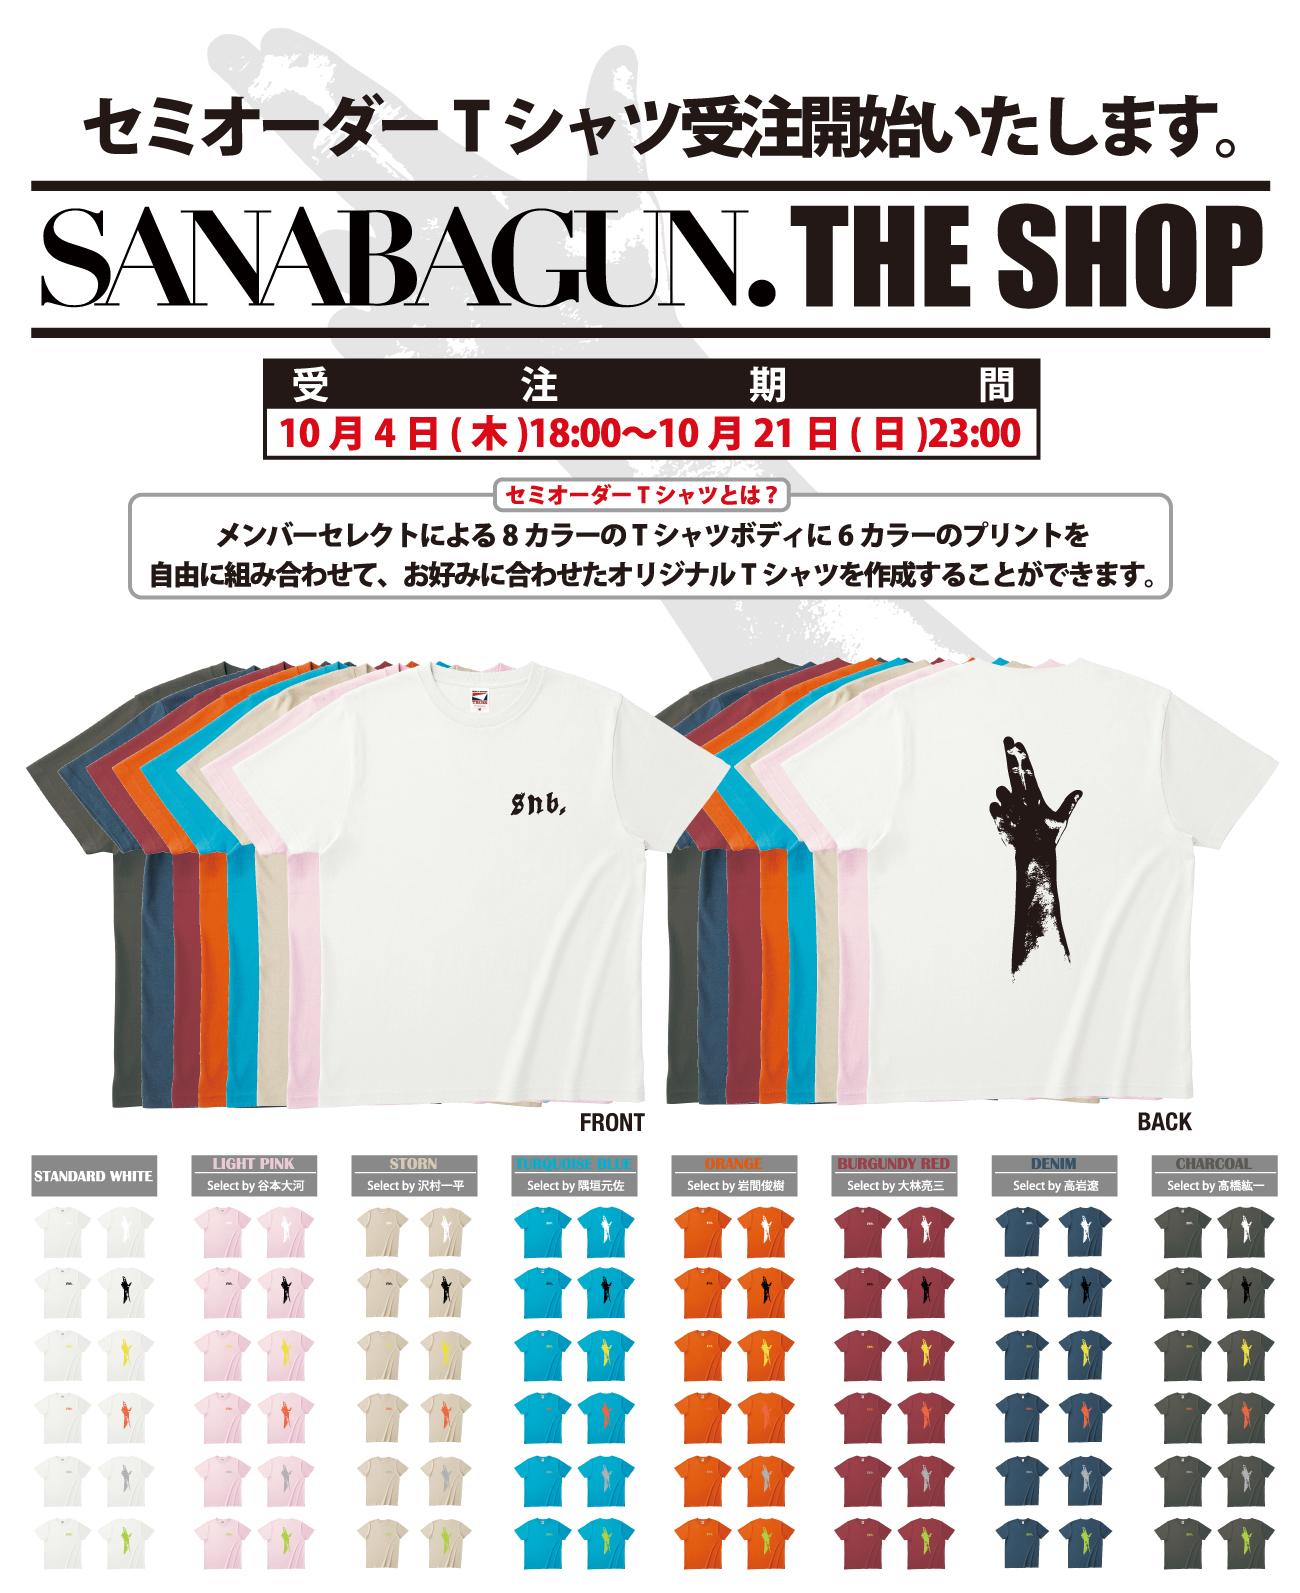 『SANABAGUN. THE SHOP』